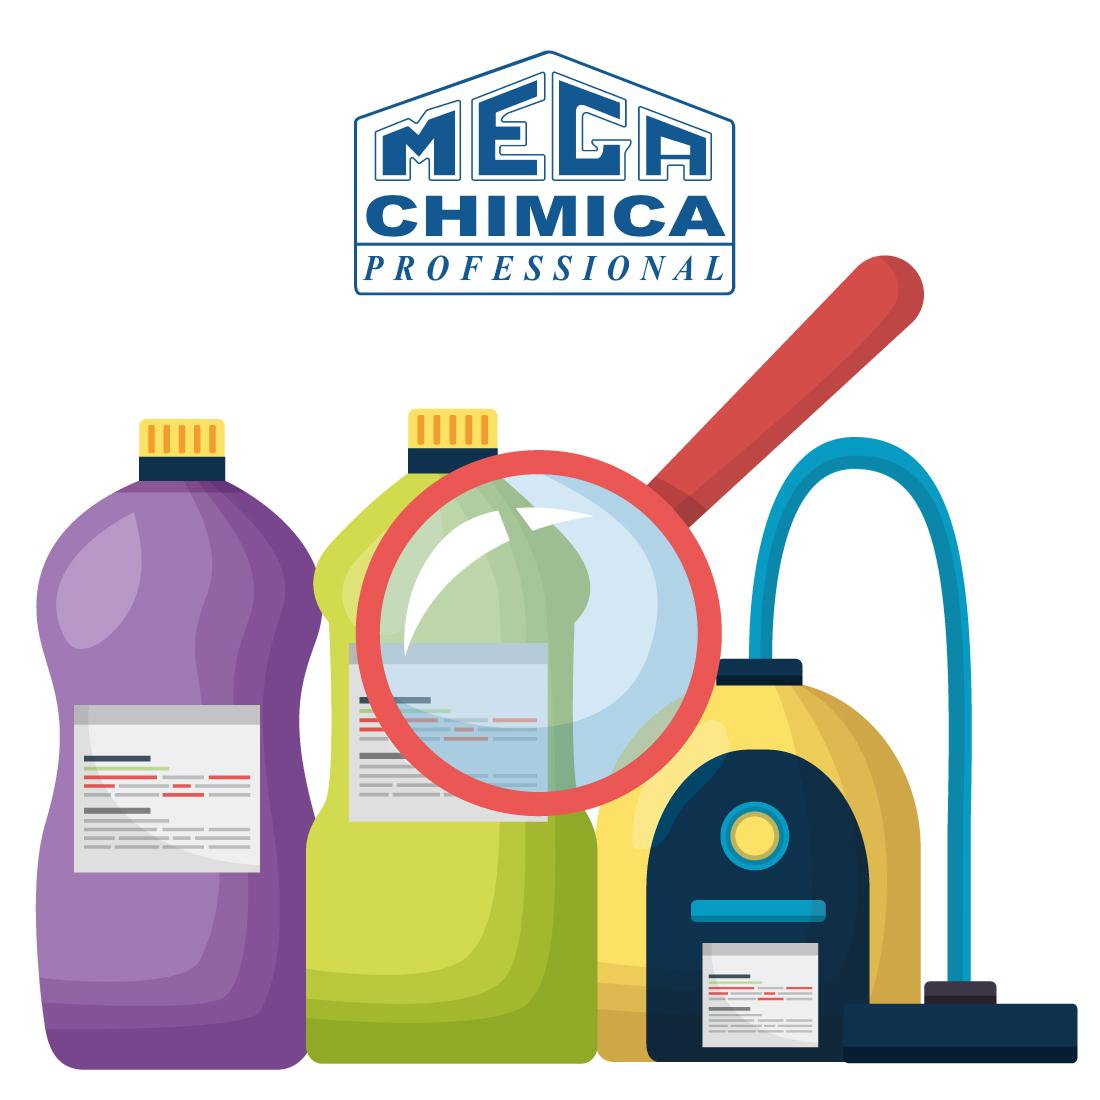 Pulizia professionale: perché è importante conoscere le etichette dei prodotti